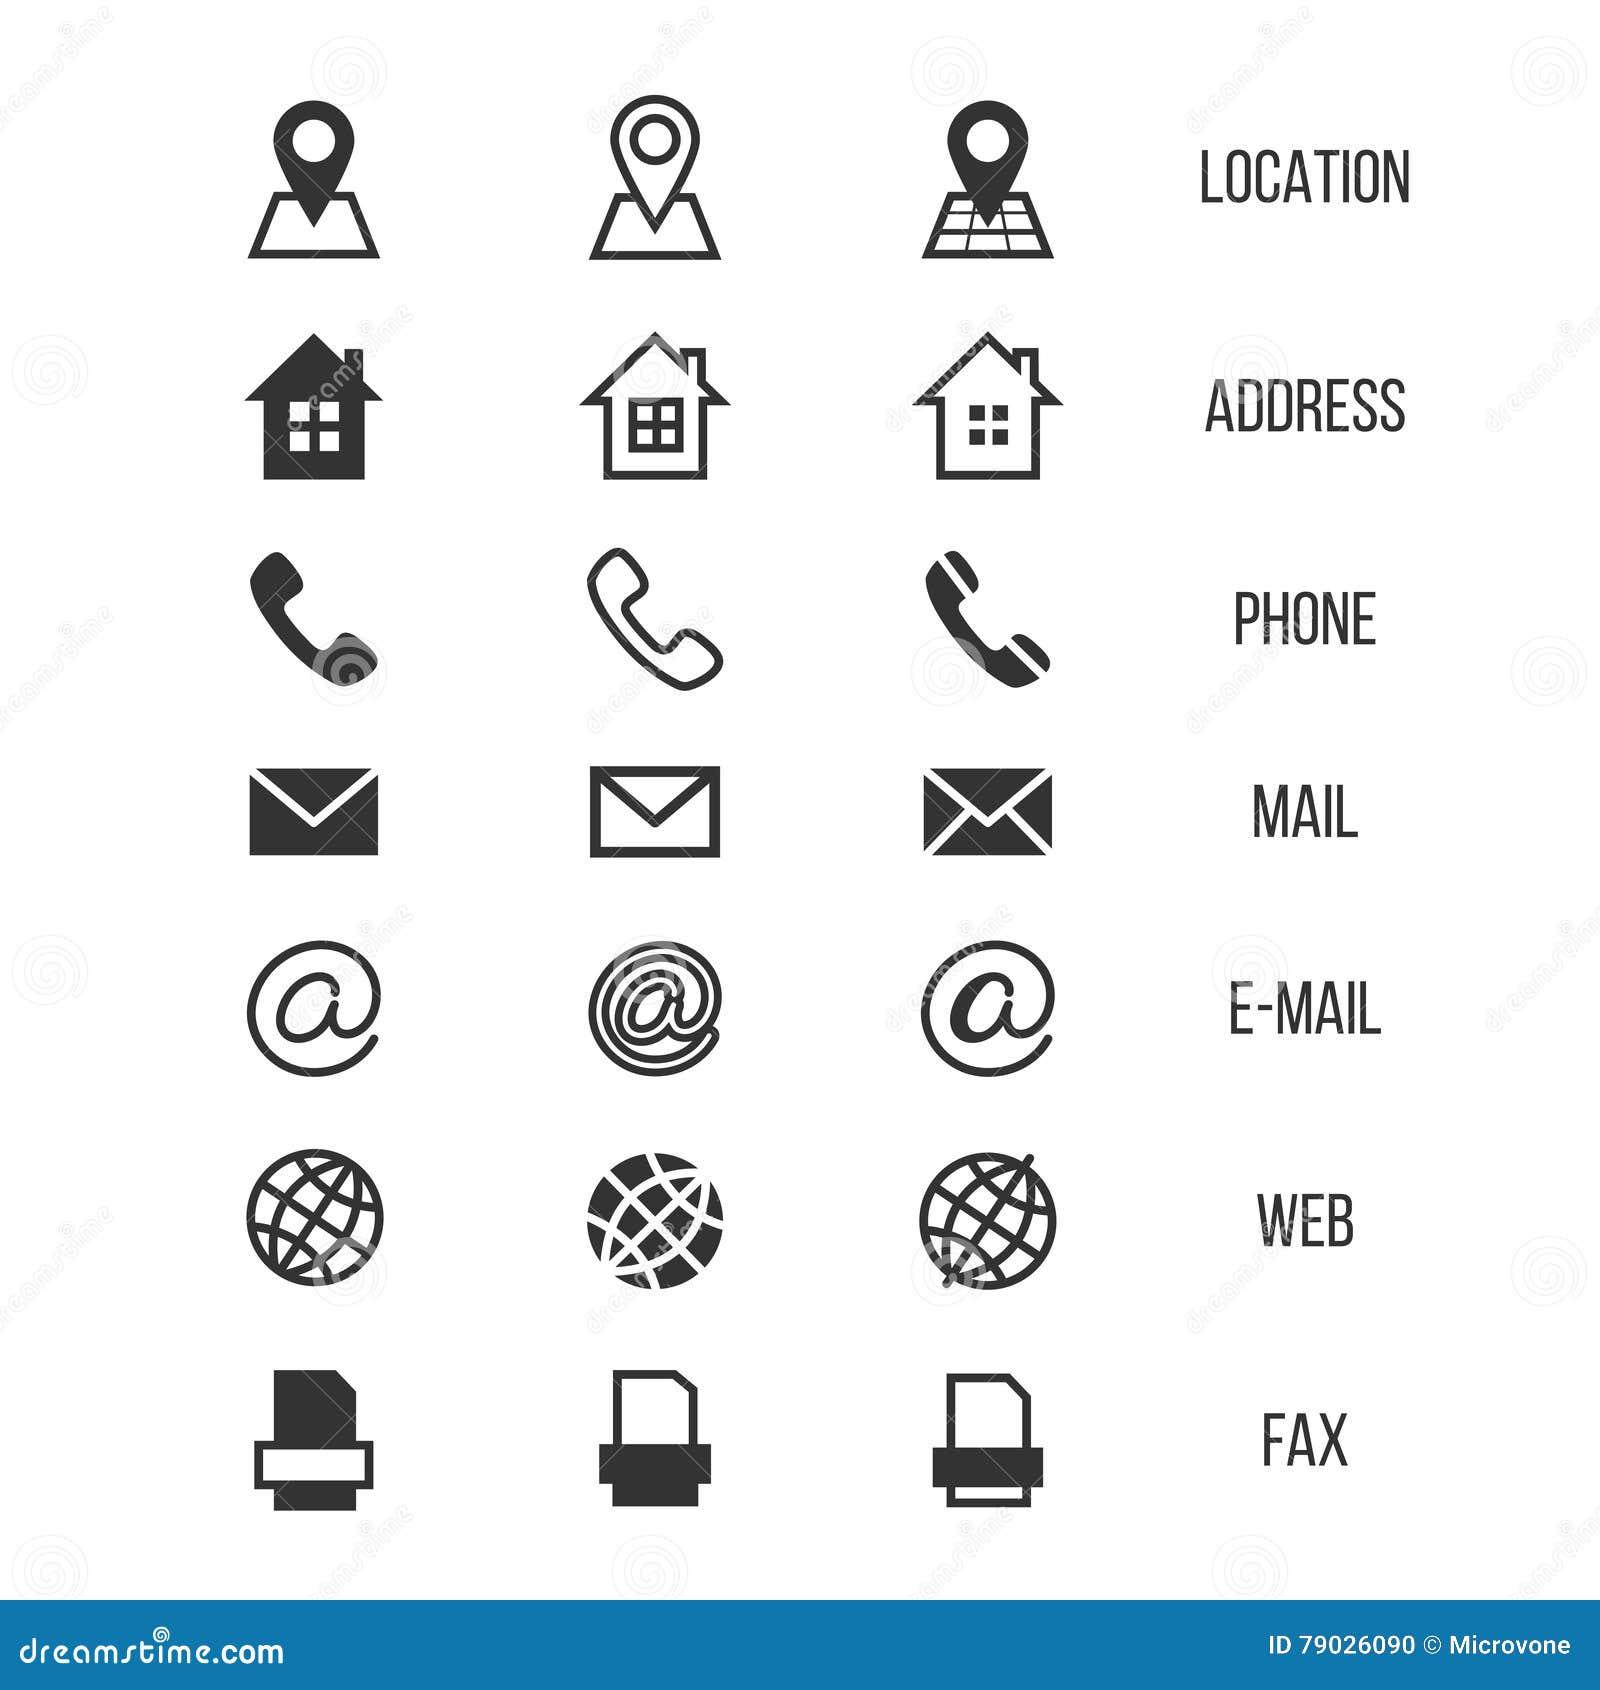 Symboler för vektor för affärskort, hem, telefon, adress, telefon, fax, rengöringsduk, lägesymboler